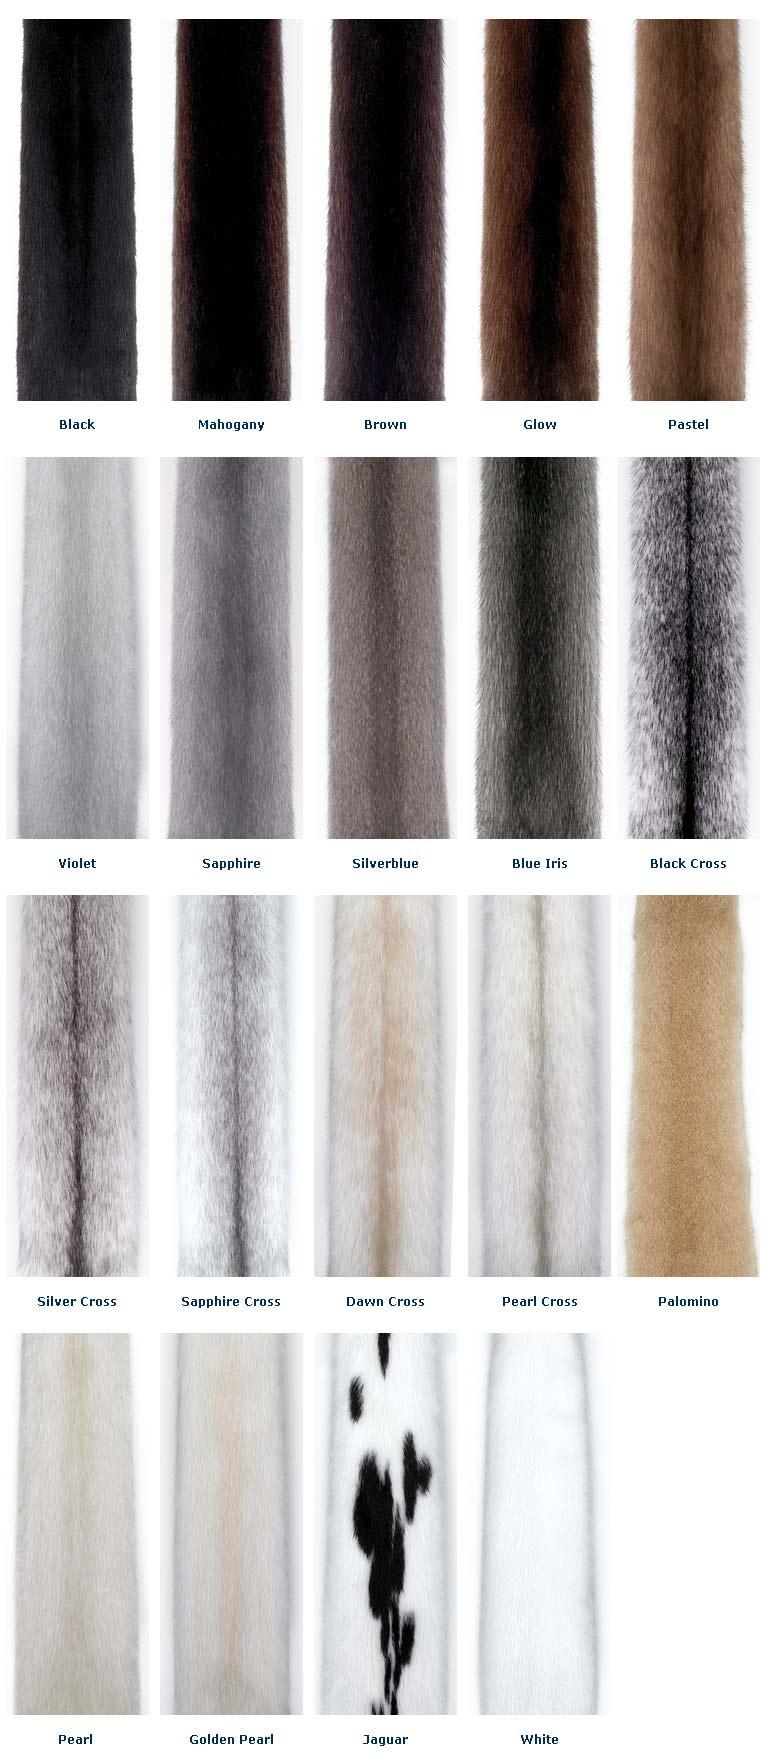 mink-fur-colors.jpg